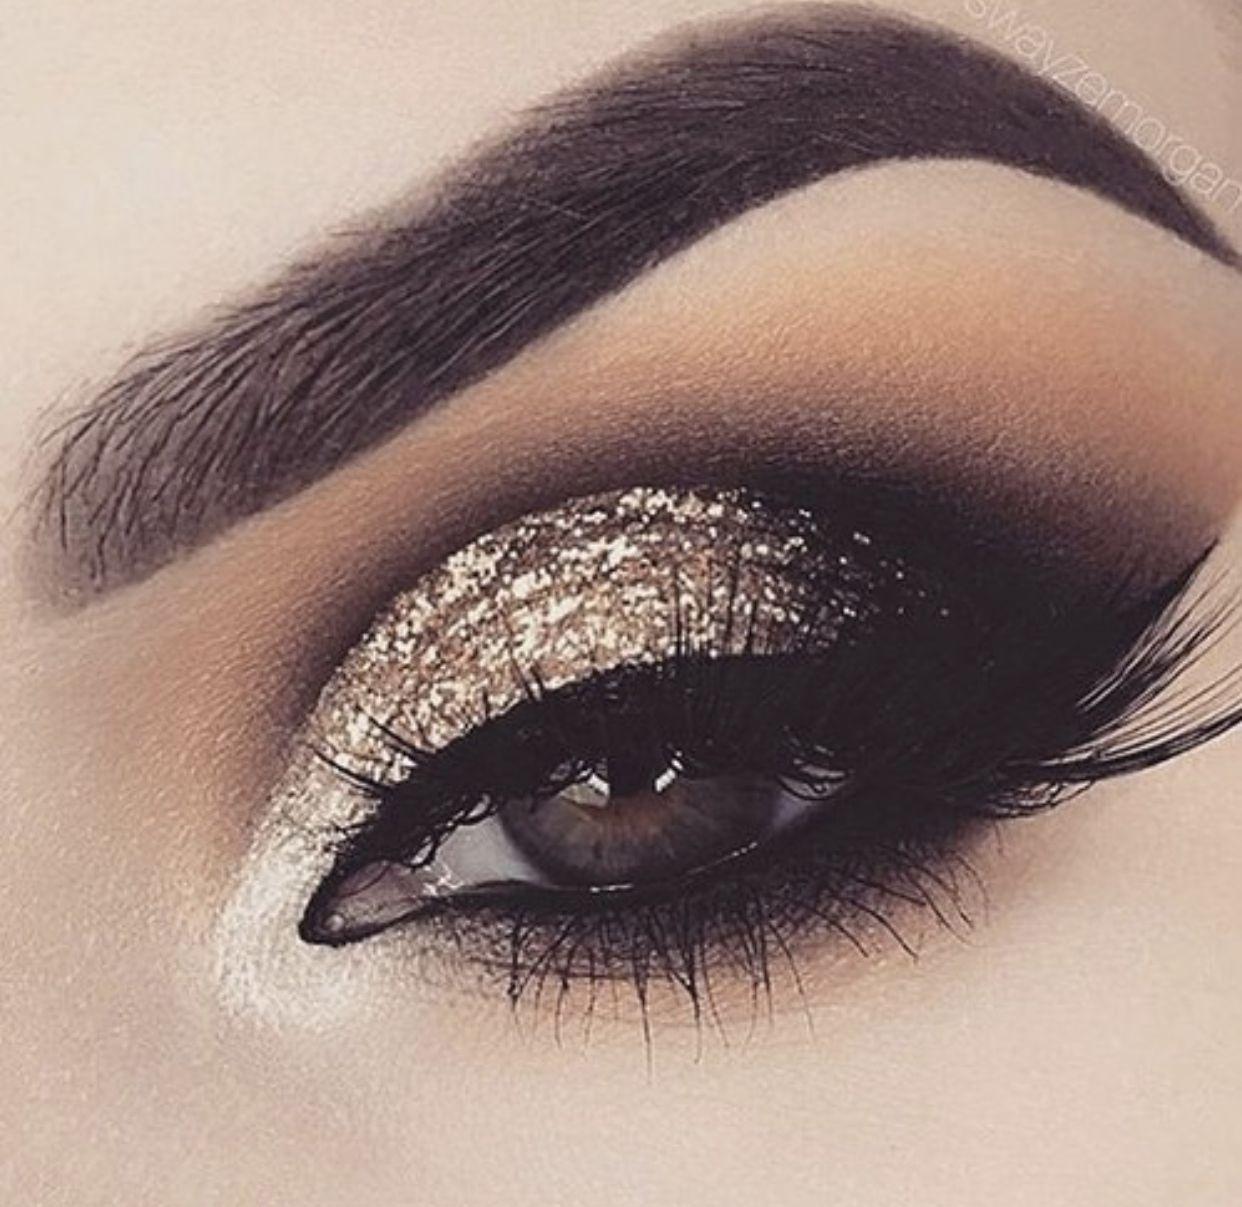 Glam eyeshadow